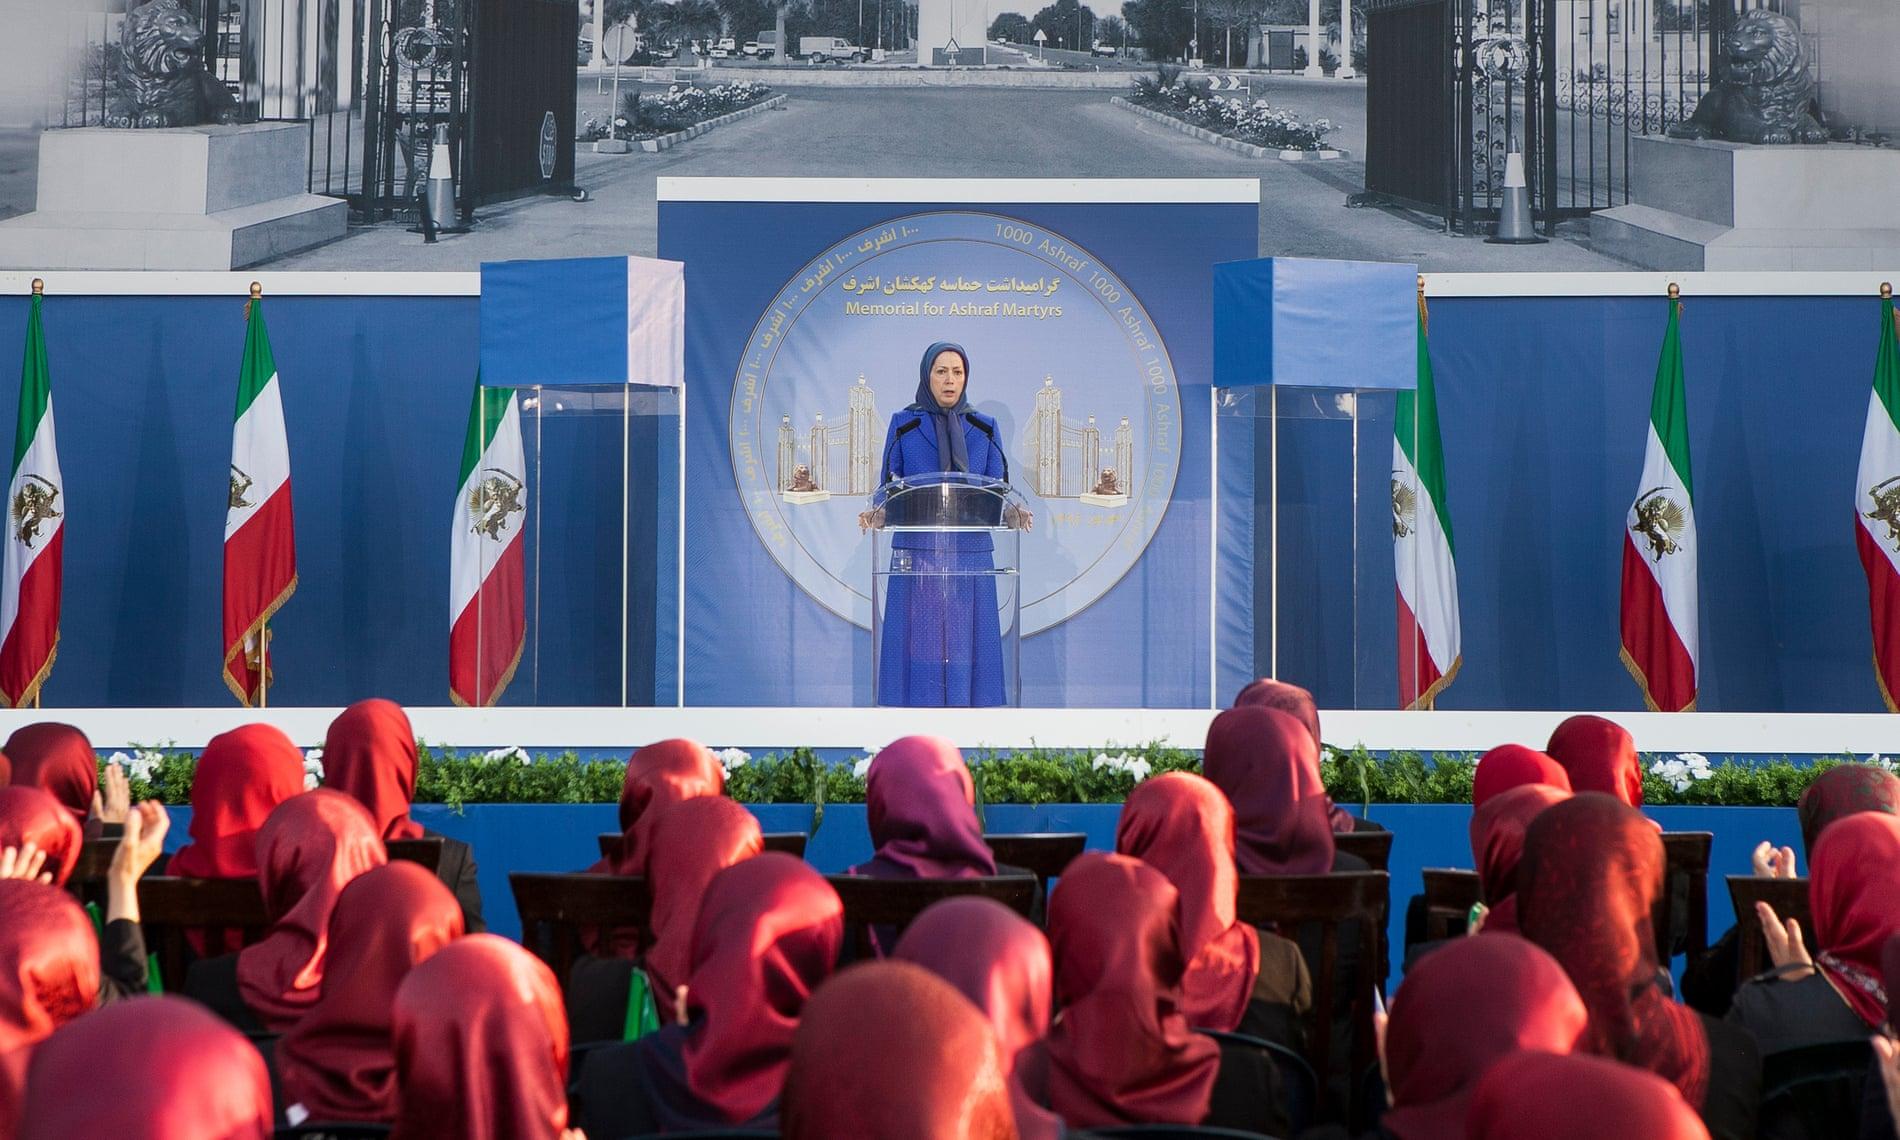 تروریست؛ فرقهگرای متعصب، یا قهرمان دموکراسی ایران؟ (بخش نخست)